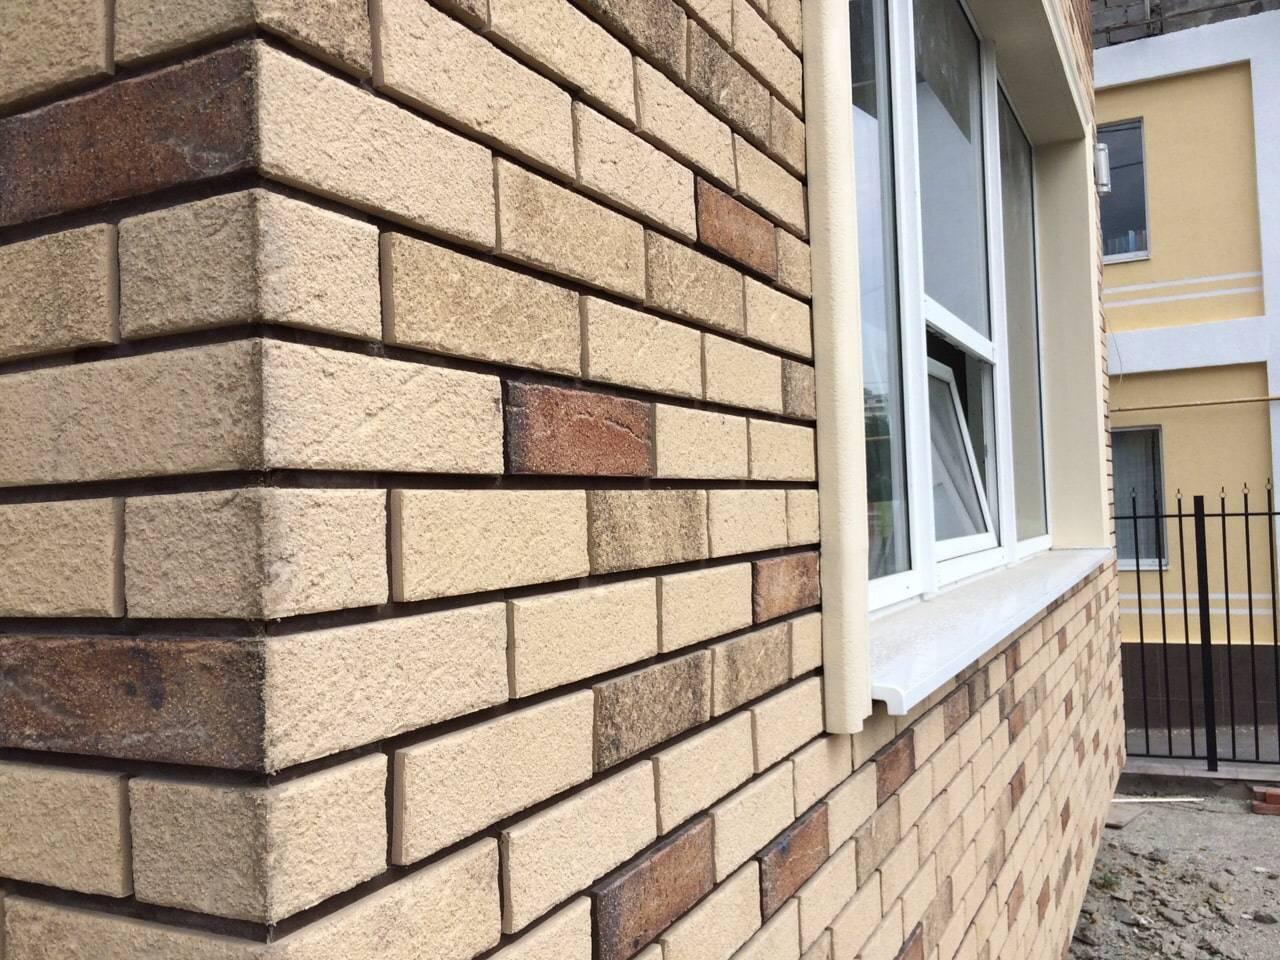 Какой материал лучше для облицовки фасада дома?